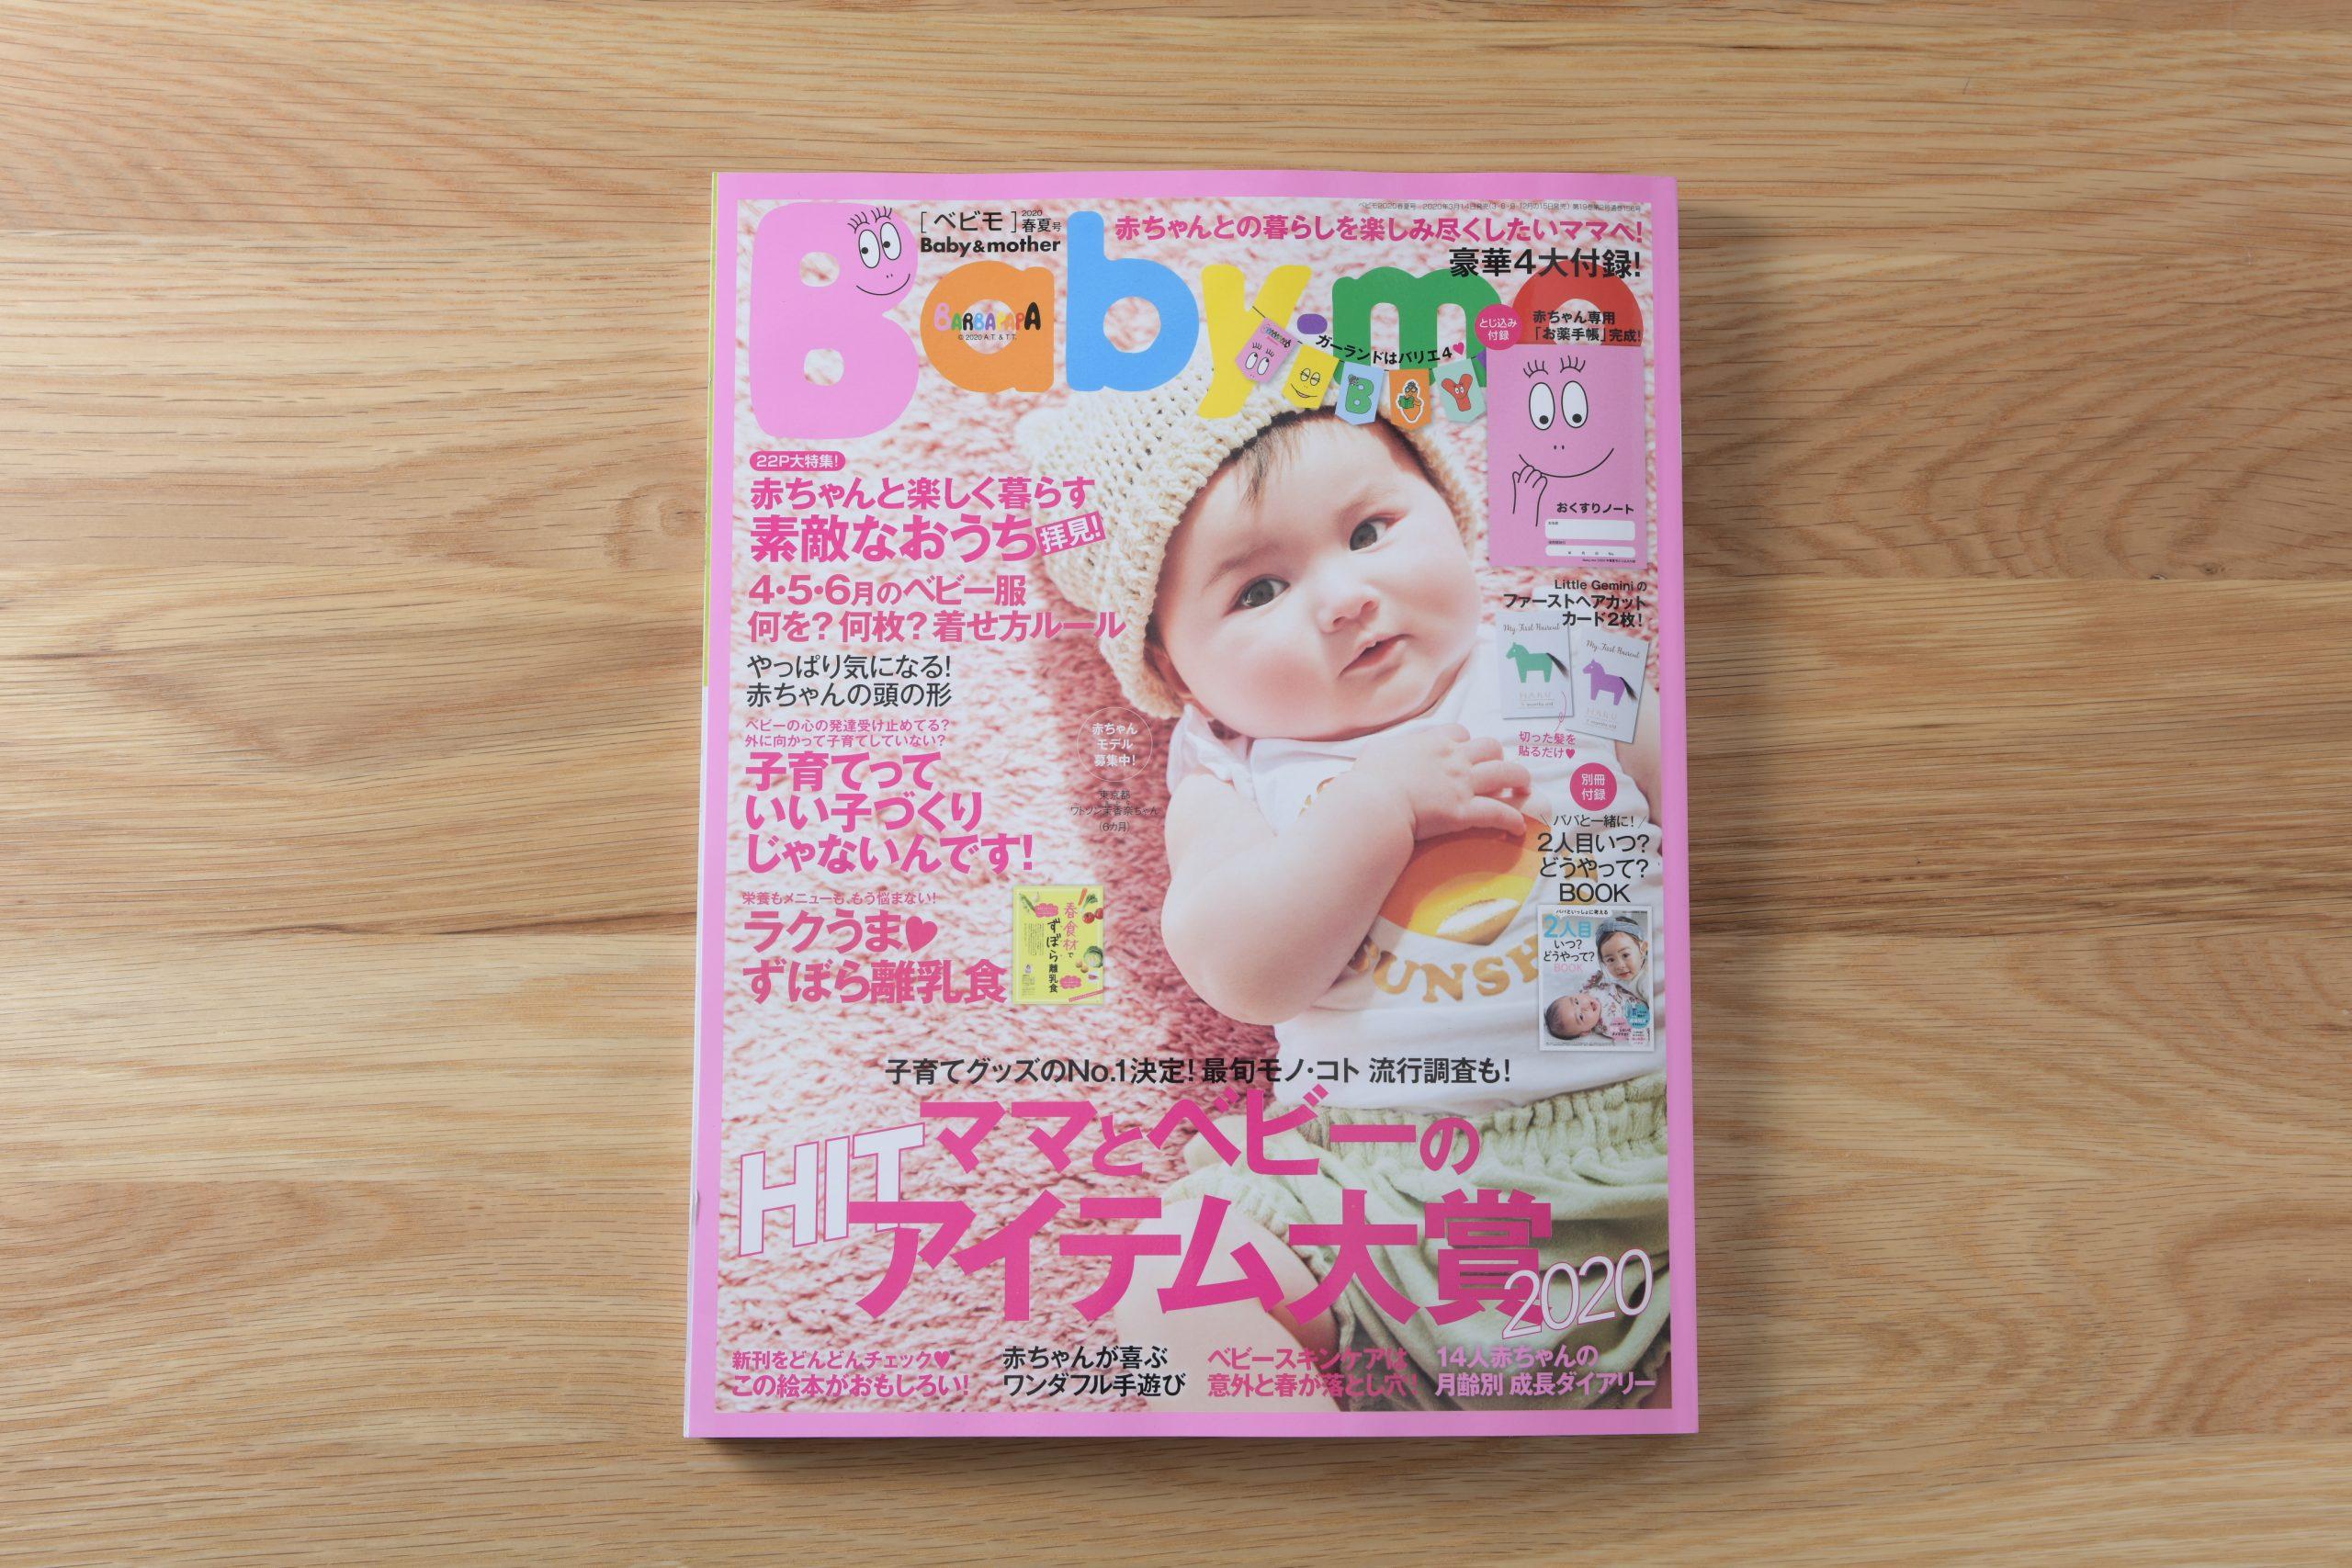 Baby-mo(ベビモ)春夏号にこどもと暮らしのお片付けシールが掲載されました